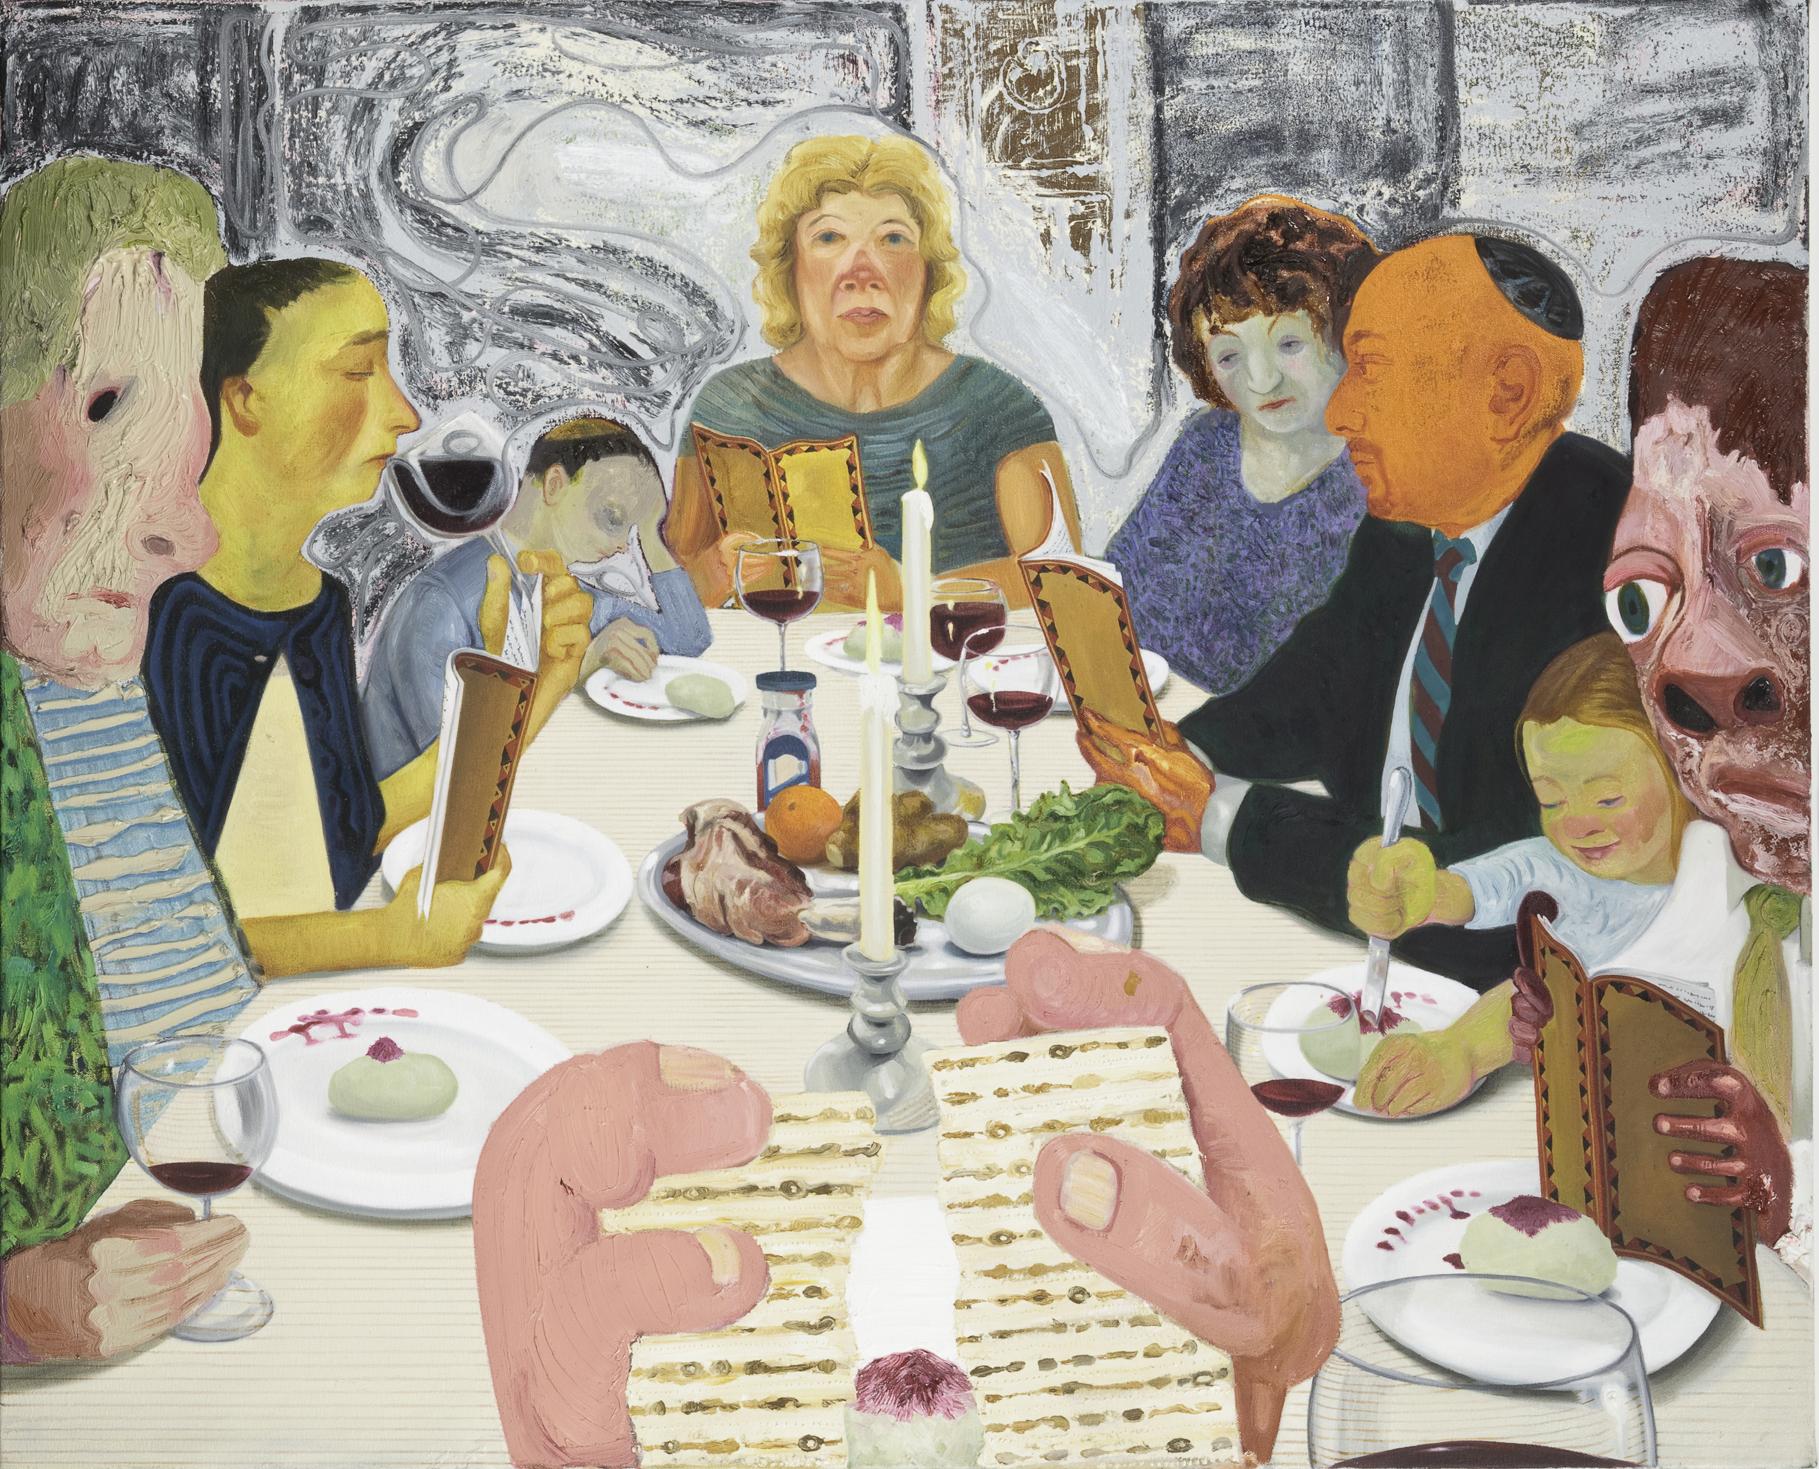 酷兒畫家尼可.艾森曼